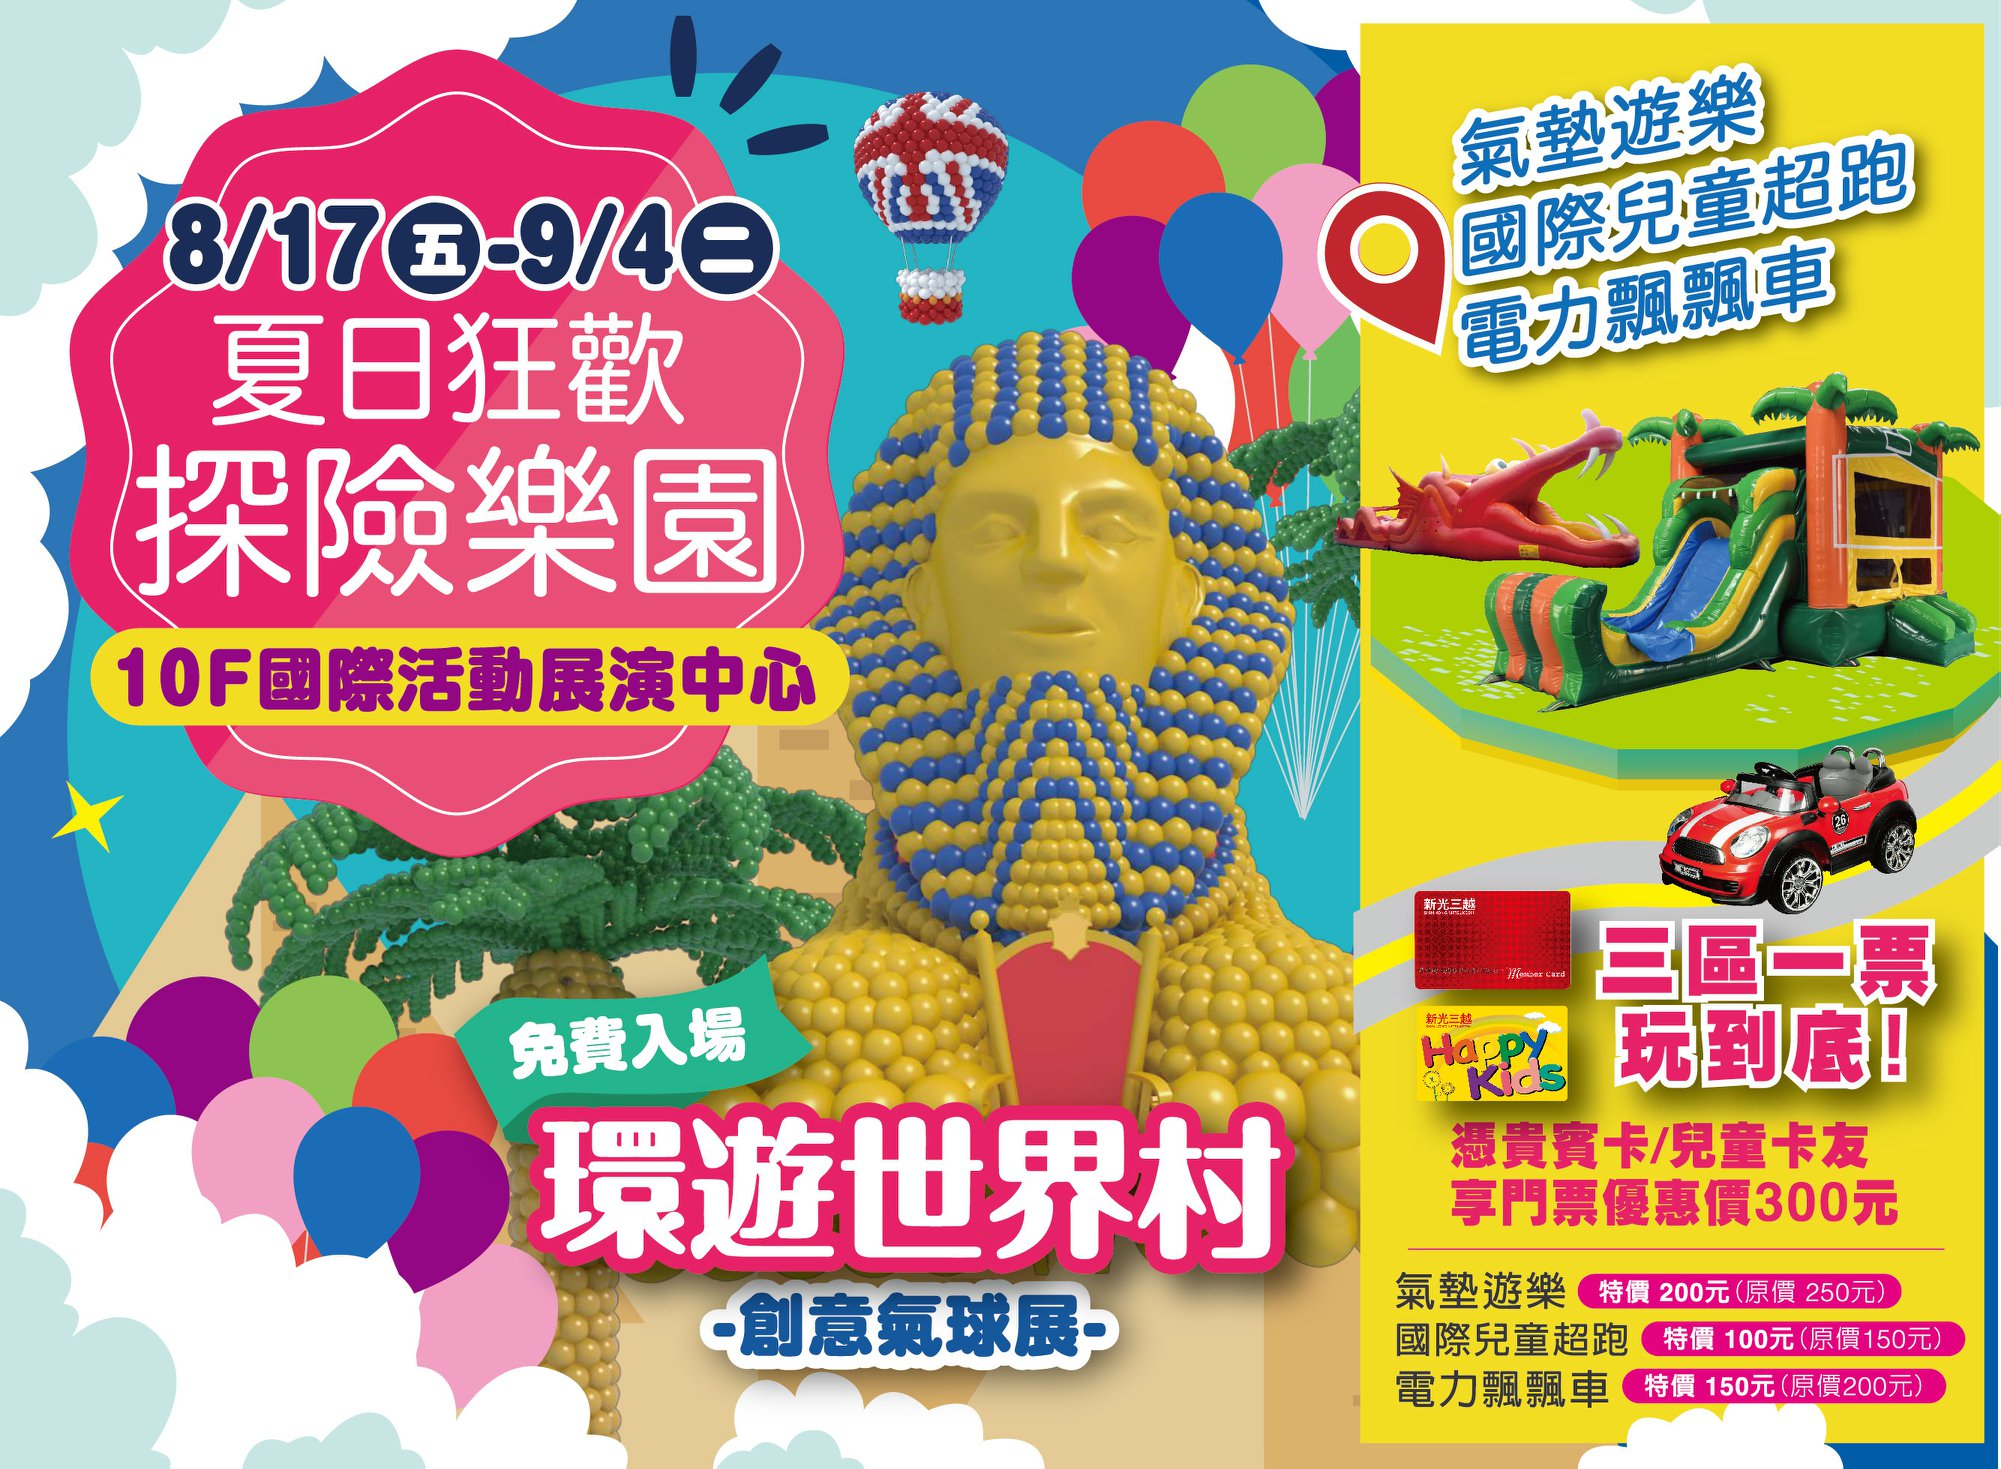 新光三越高雄左營店-環遊世界村創意氣球展